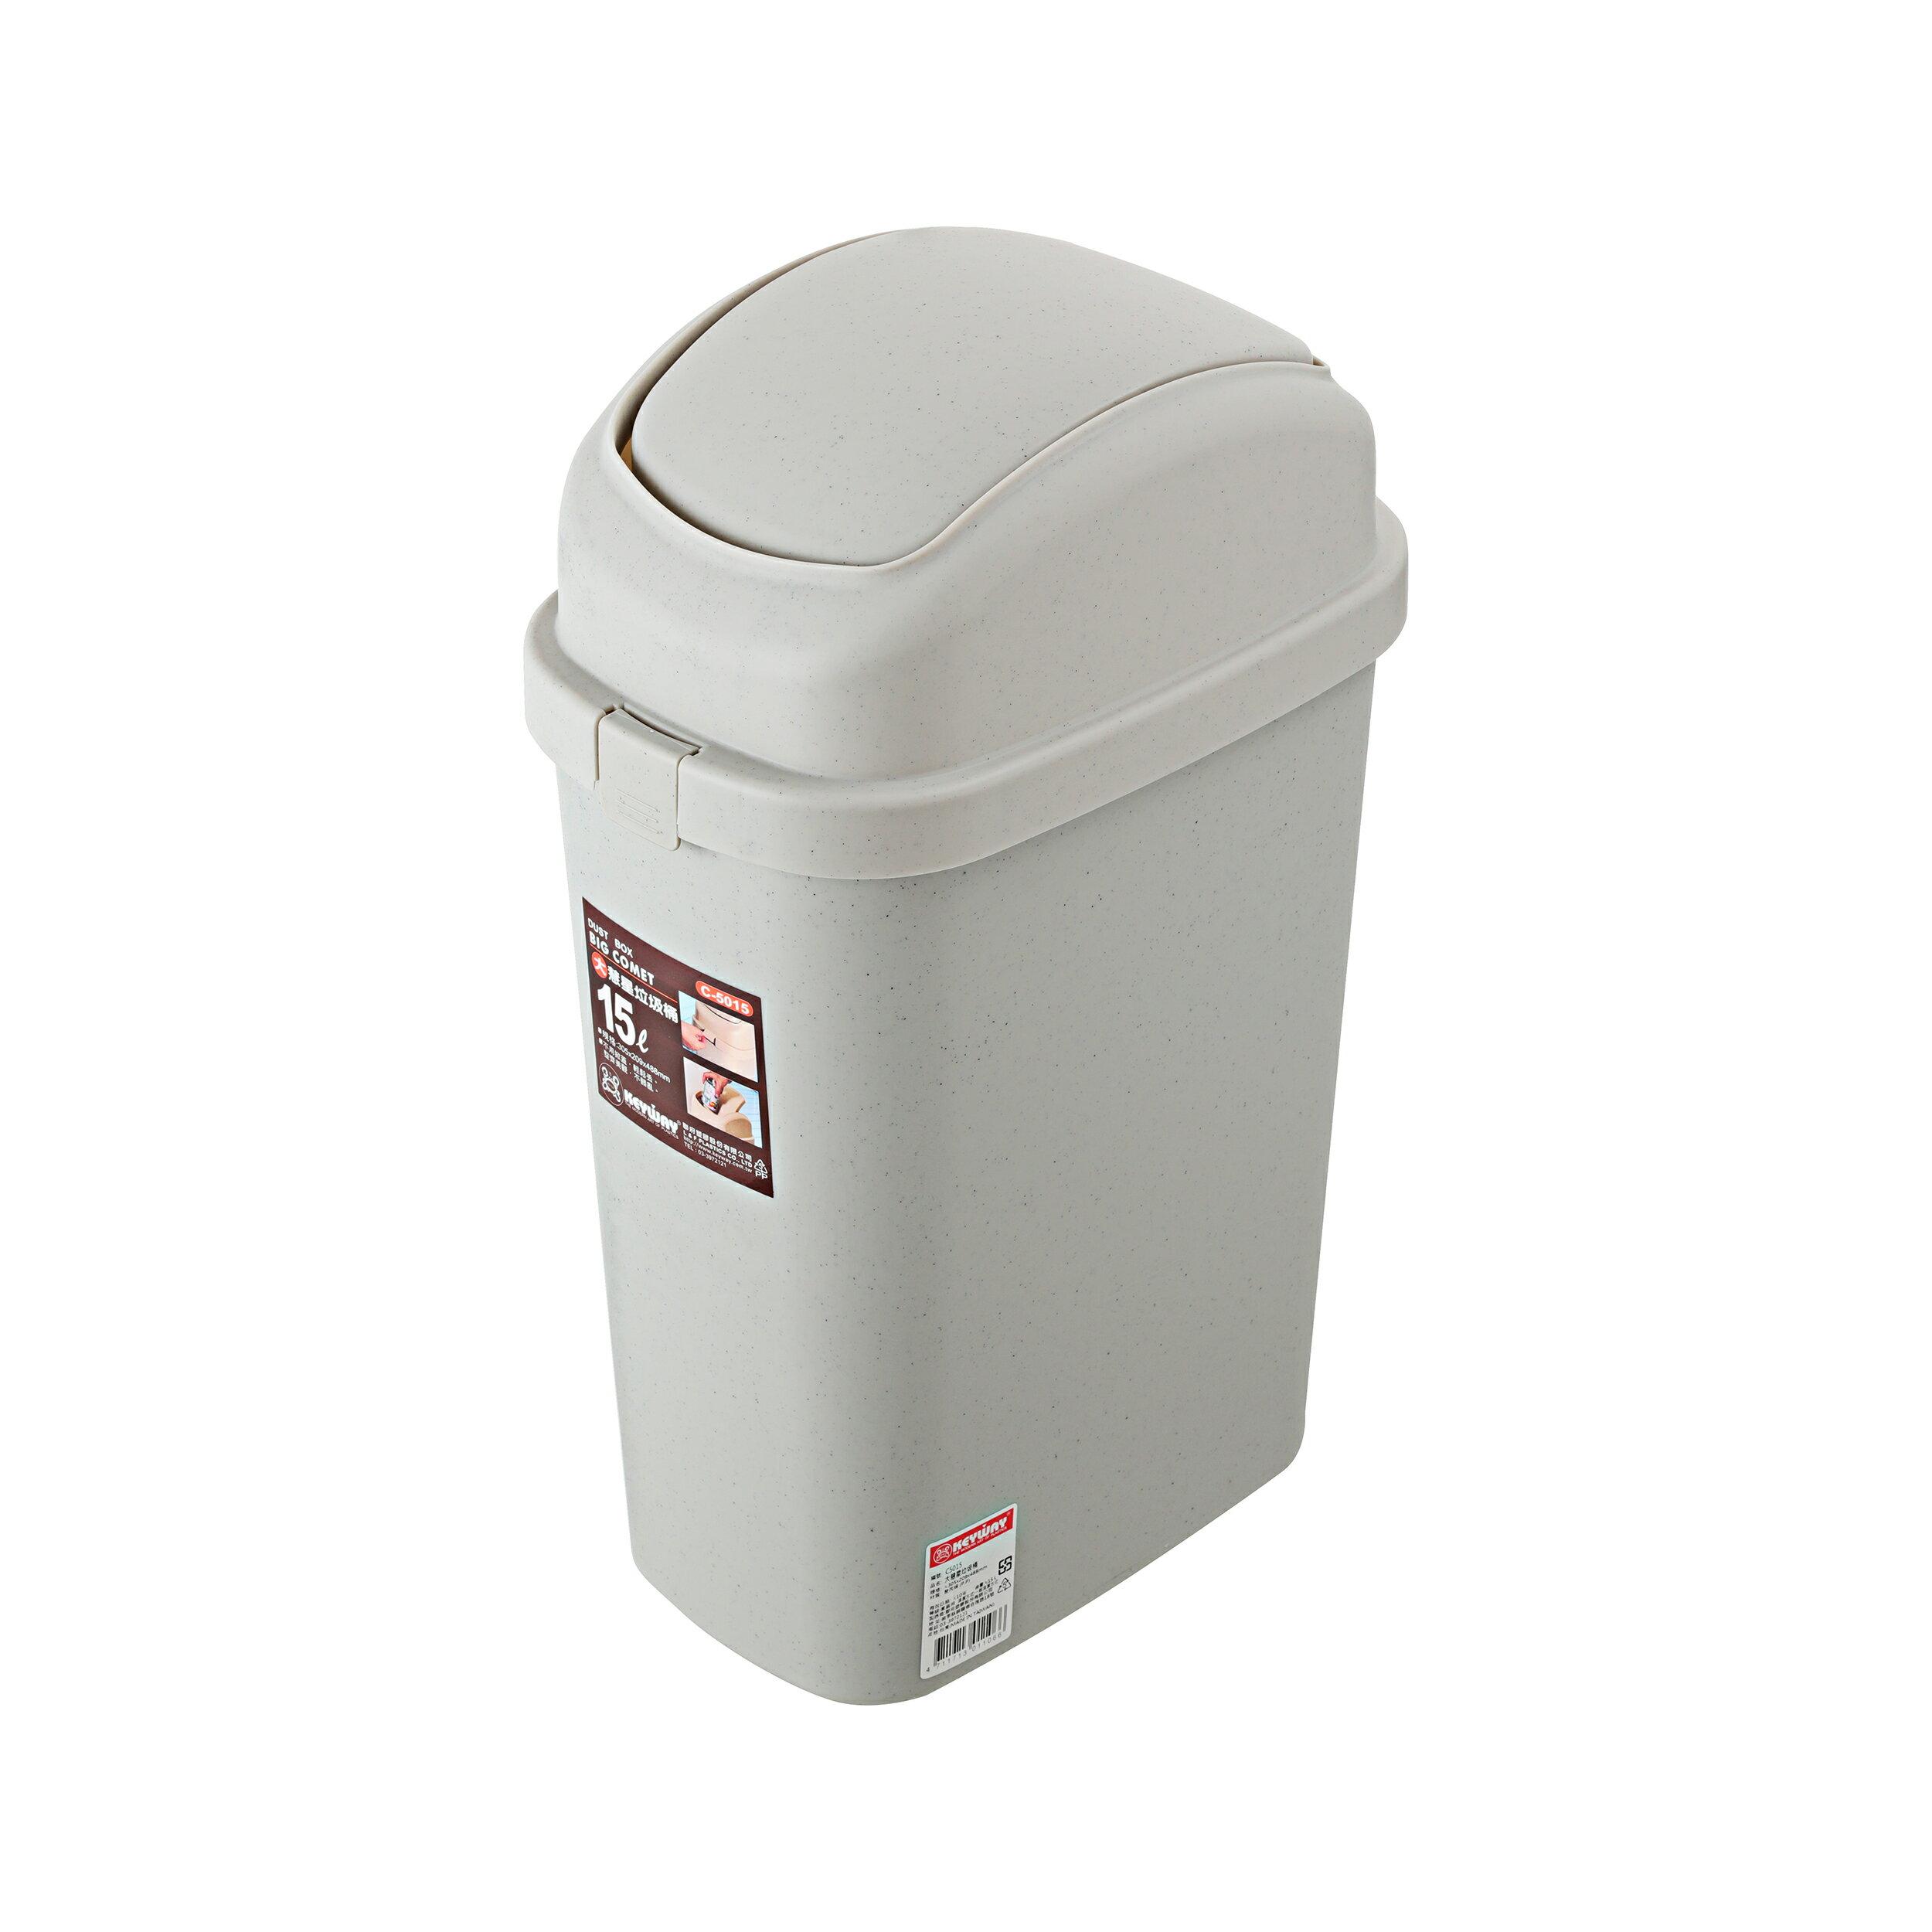 搖蓋式垃圾桶/環保概念/MIT台灣製造 大慧星垃圾桶 C5015  KEYWAY聯府